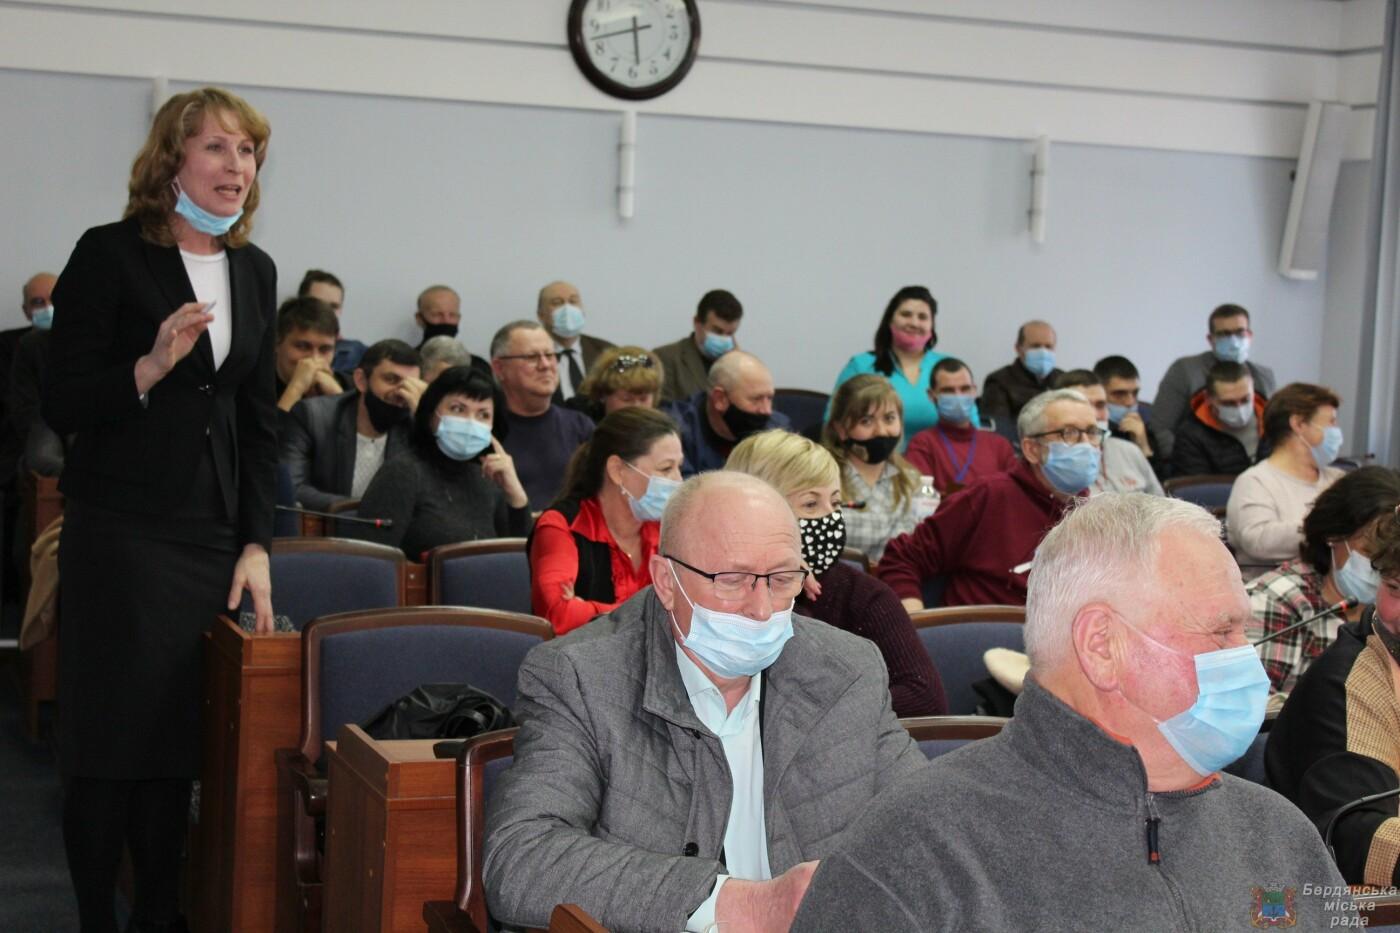 В Совещательный совет Бердянска вошло 60 человек: кто эти люди?, фото-2